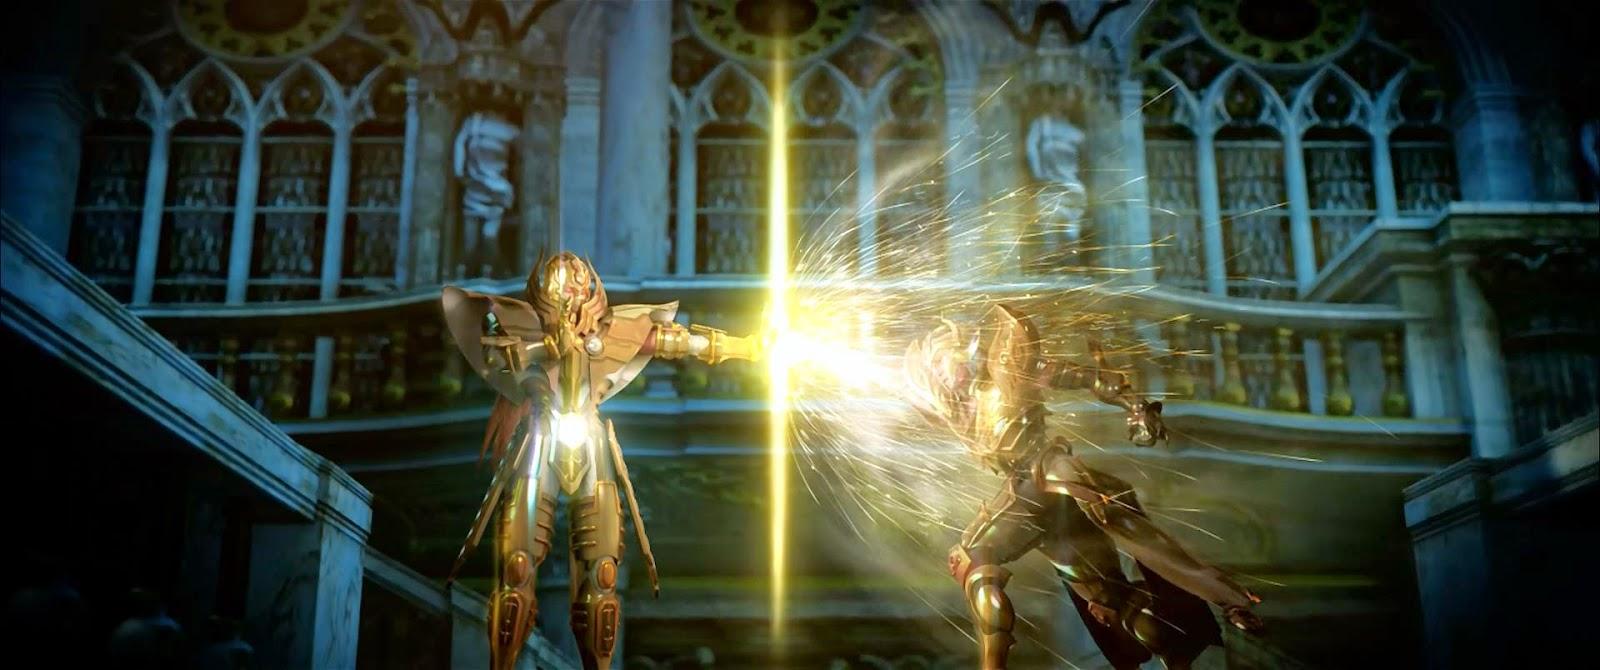 Virgo vs Leo